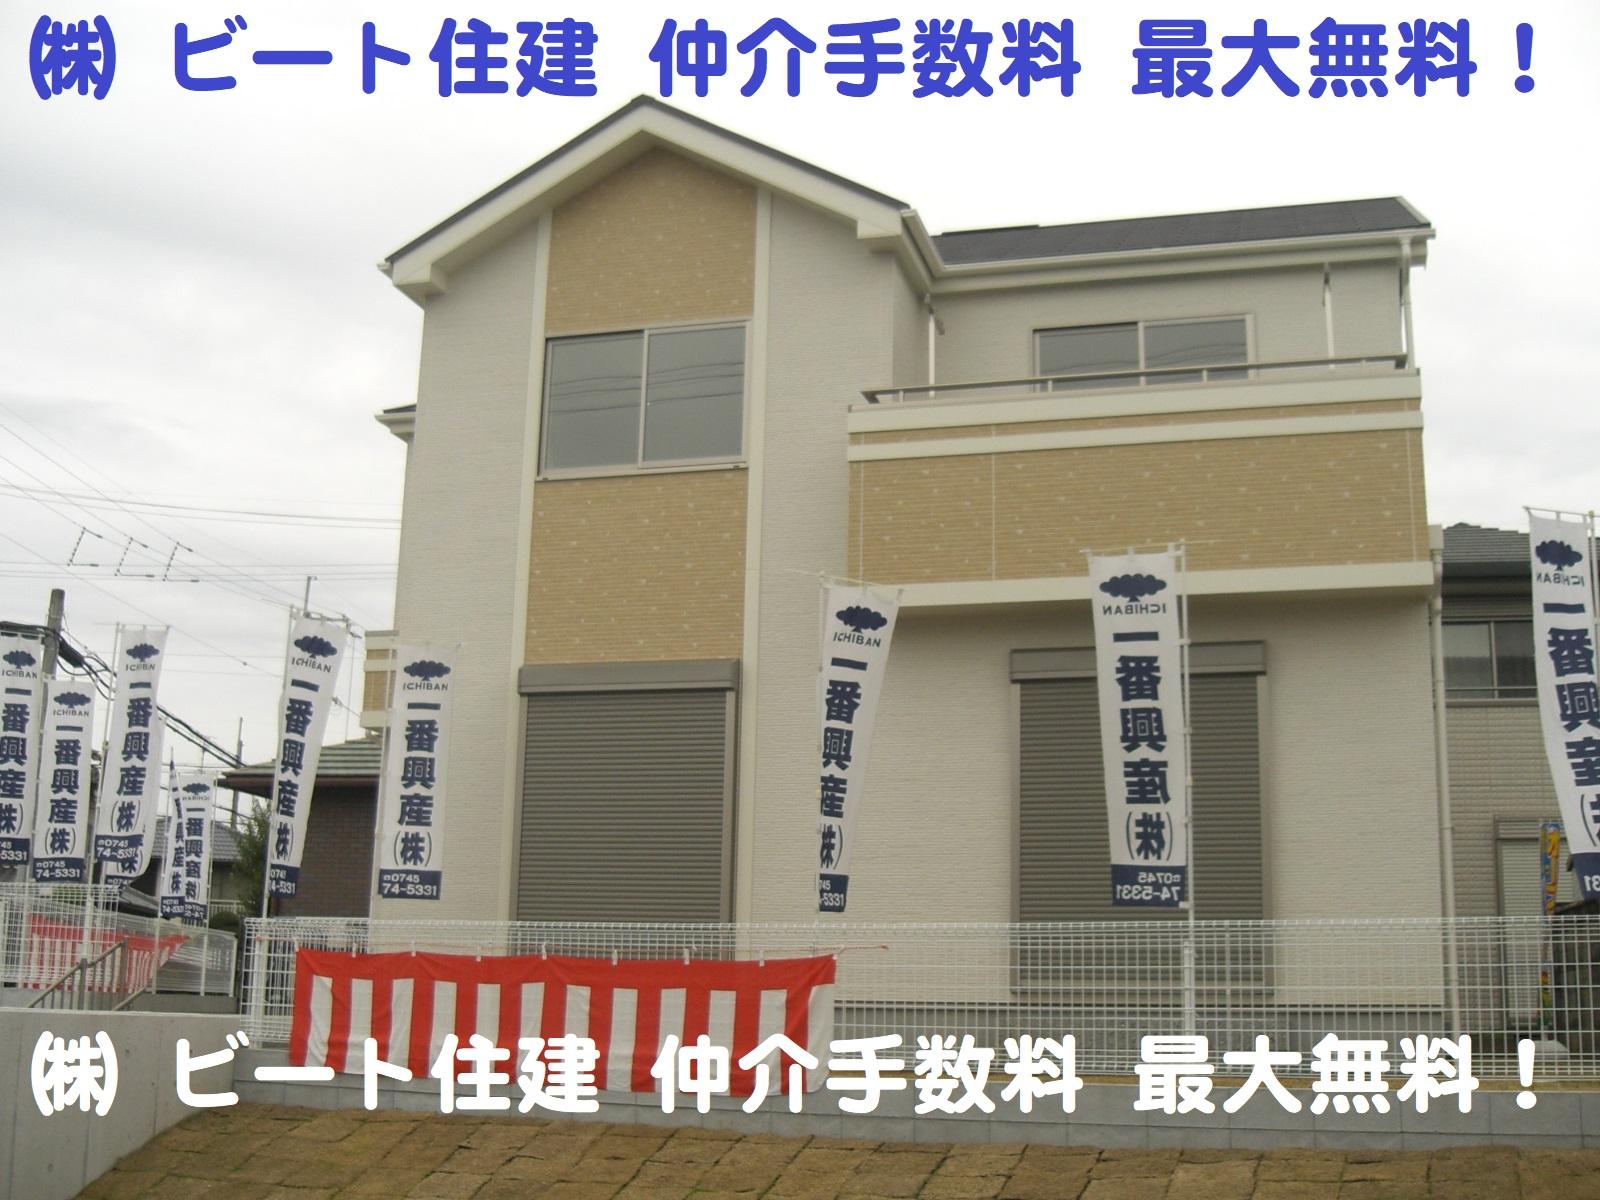 奈良県 新築 ビート住建 河合町 新築 お買い得 仲介手数料 最大無料